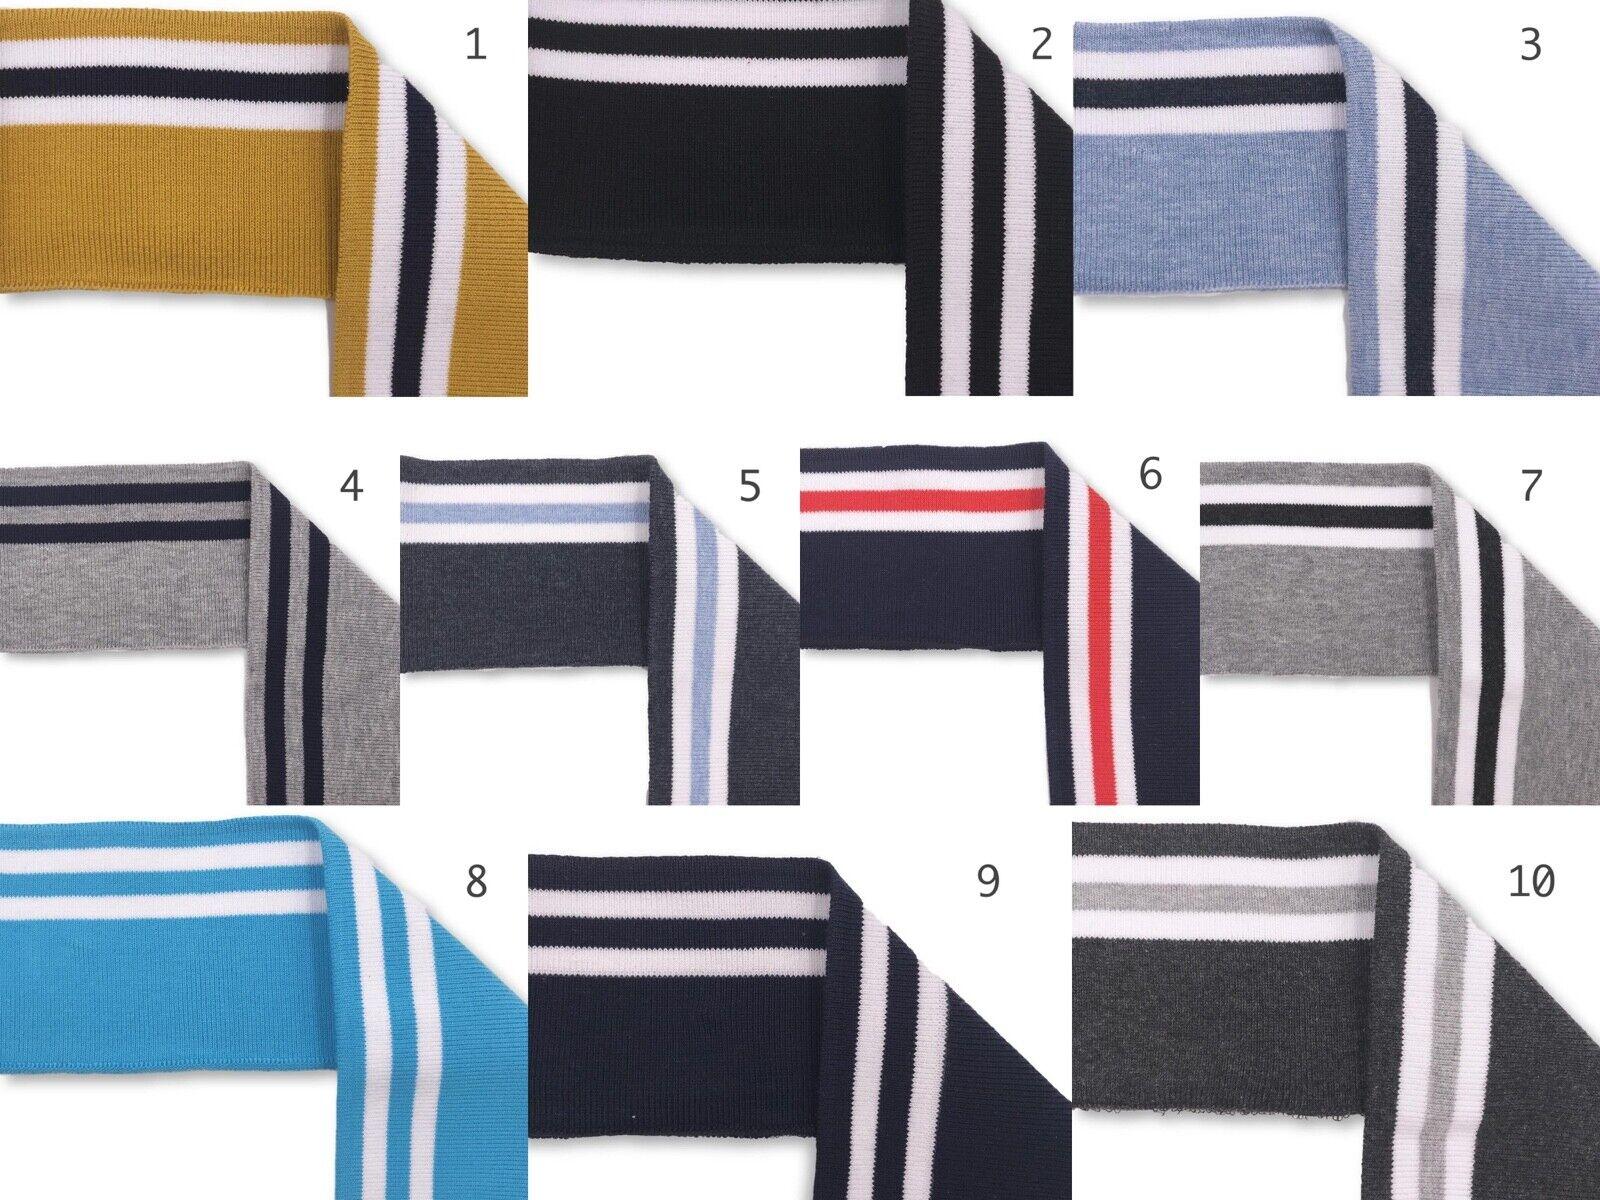 Bündchen Boord Cuff Streifen Öko TEX 10 Farben